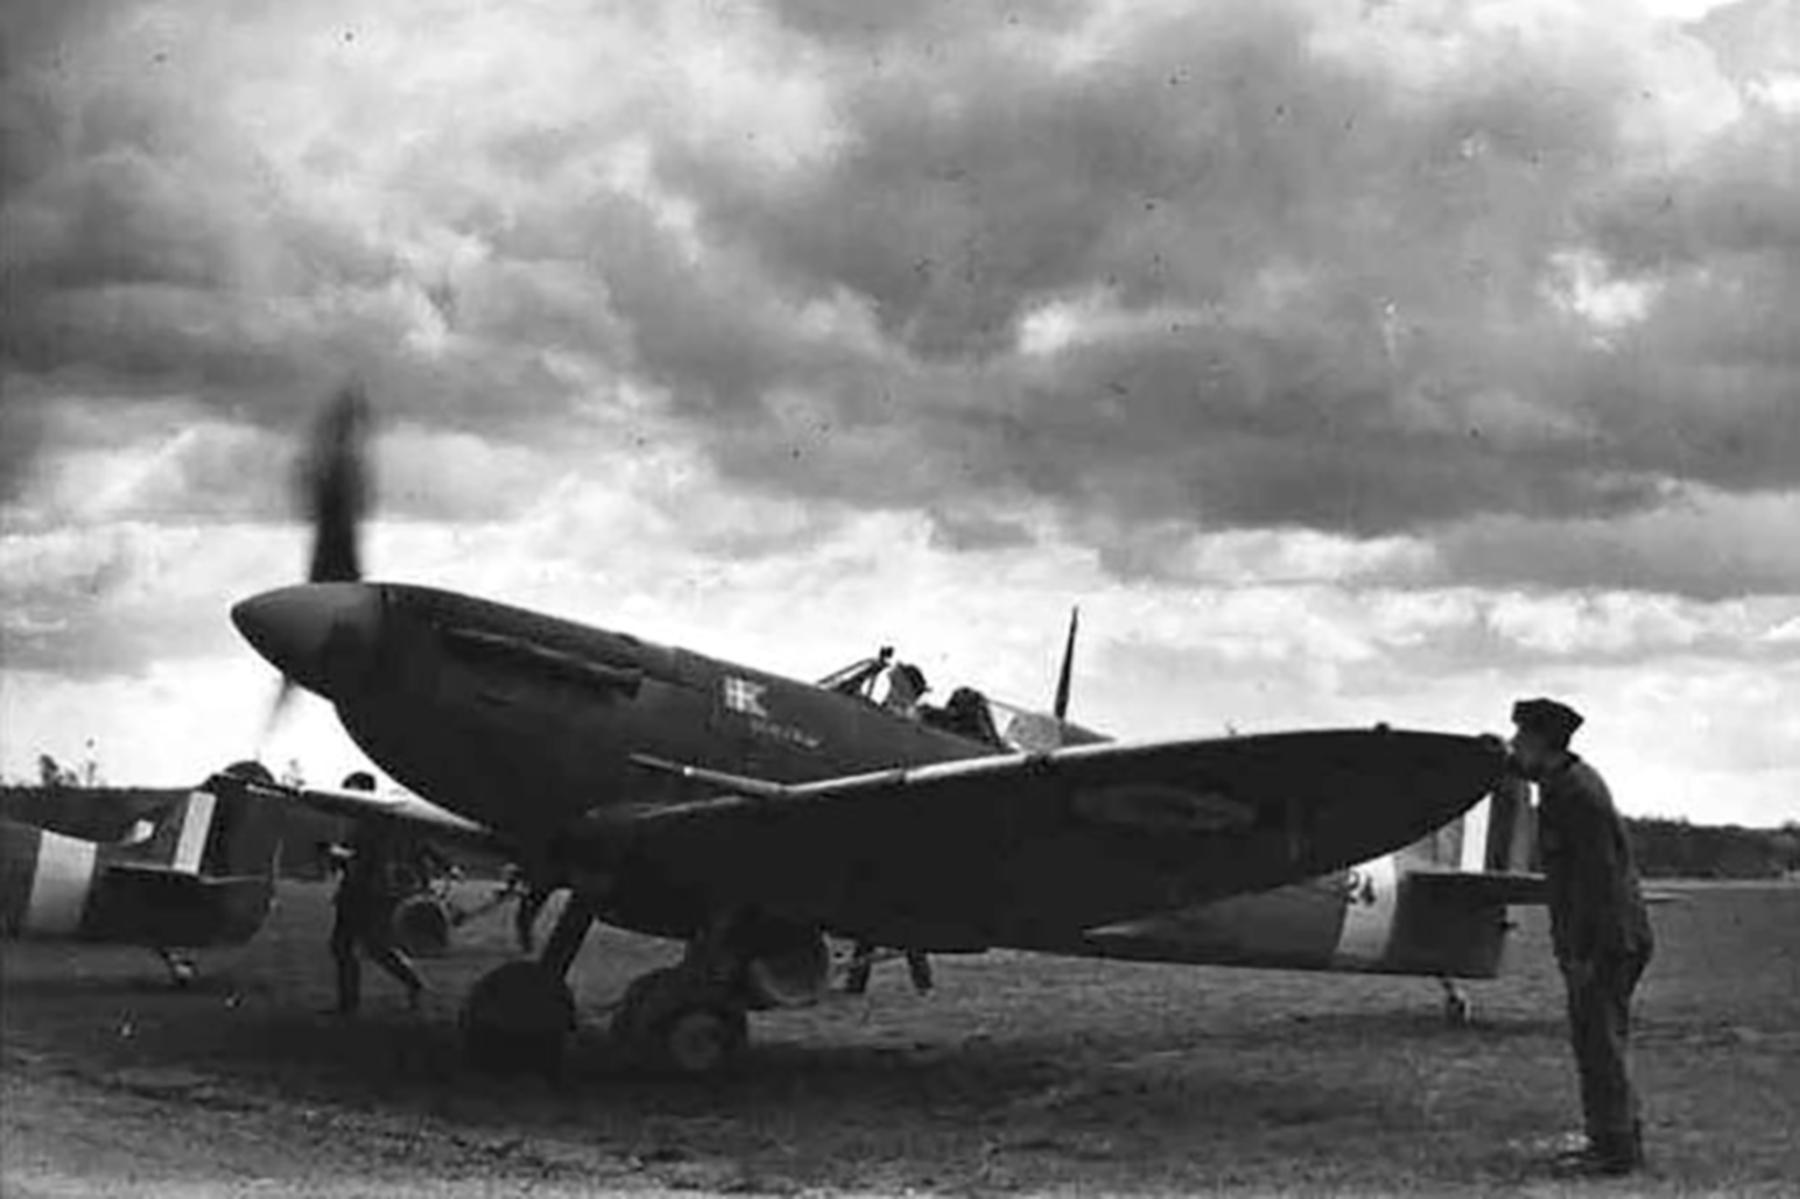 Spitfire MkVb RAF 234Sqn AZG Aksel Svendsen named Skagen Ind BL924 Ibsley Apr 1942 02